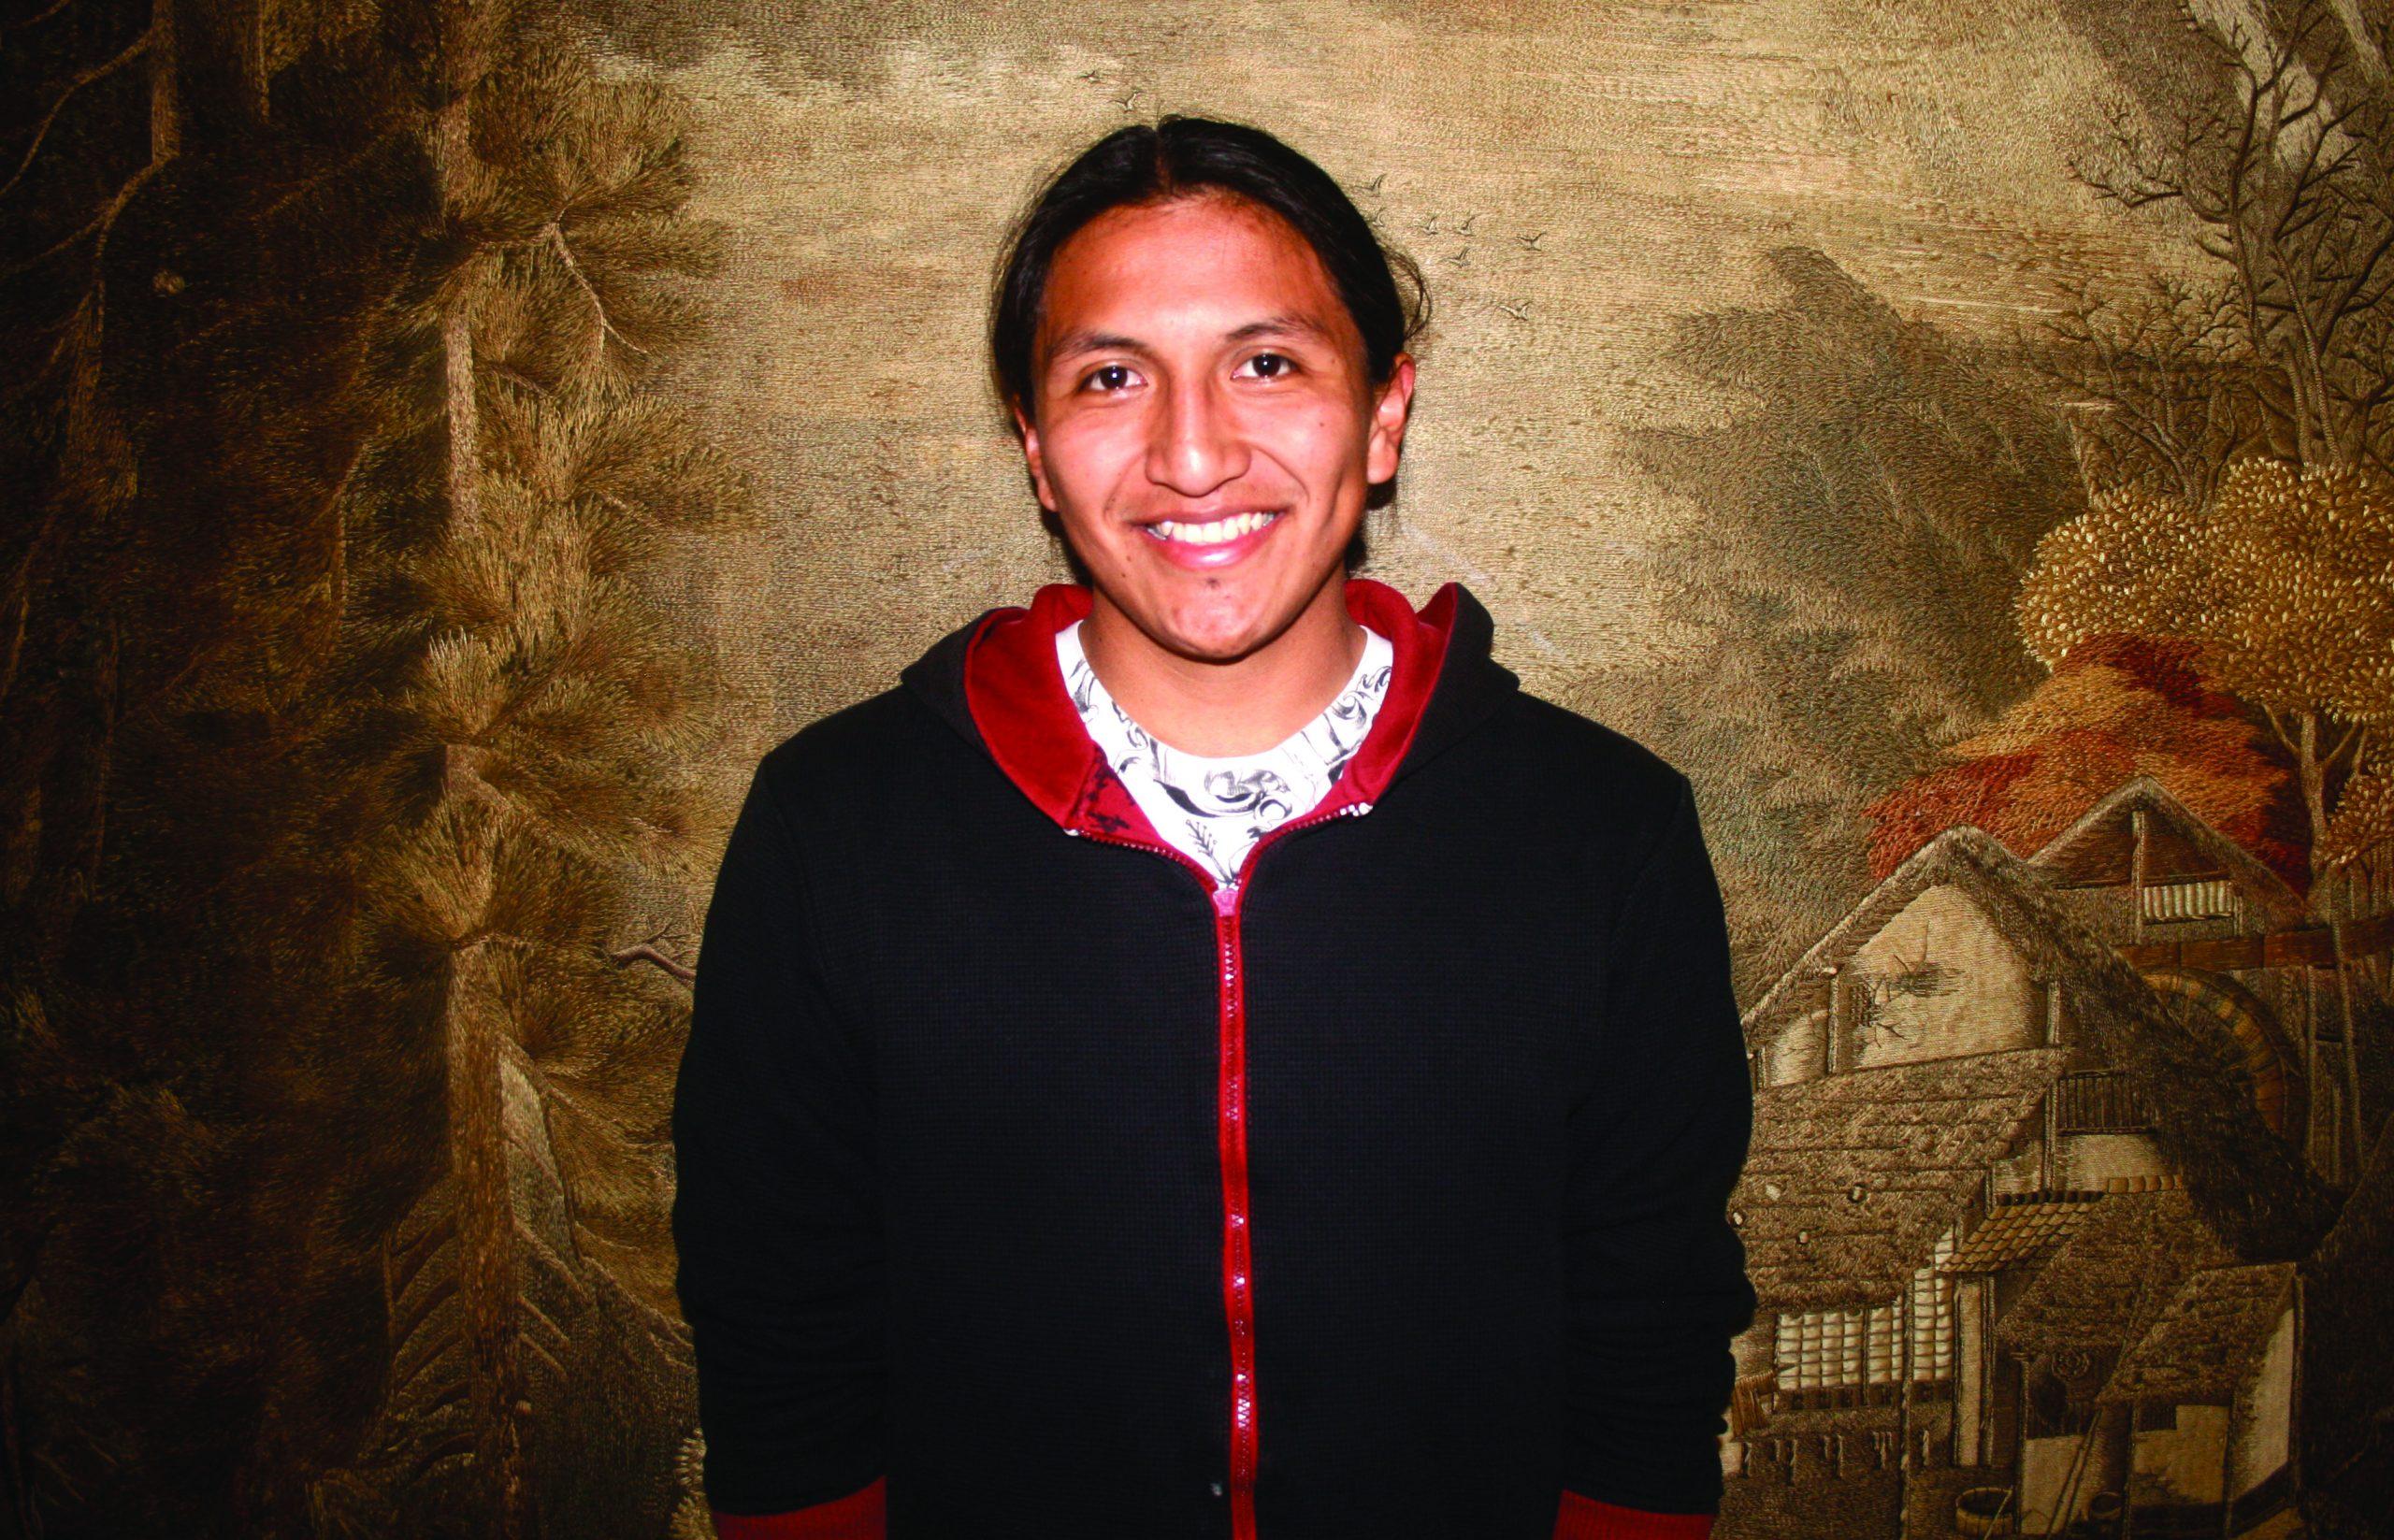 Portrait of Dennis Chavez